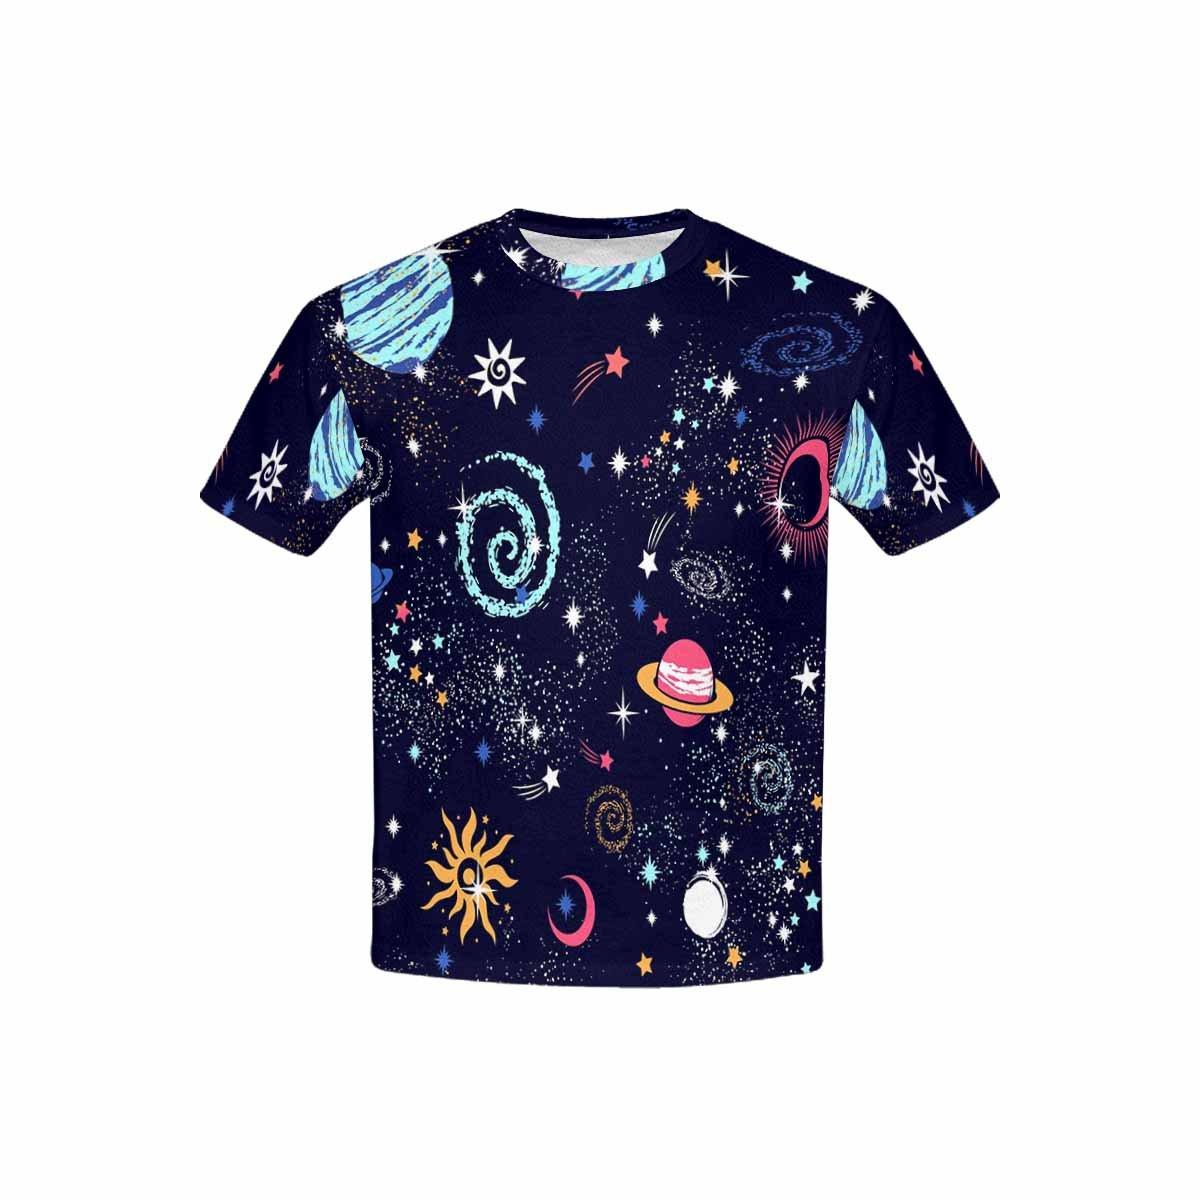 XS-XL INTERESTPRINT Kids T-Shirt Galaxy Pattern Print